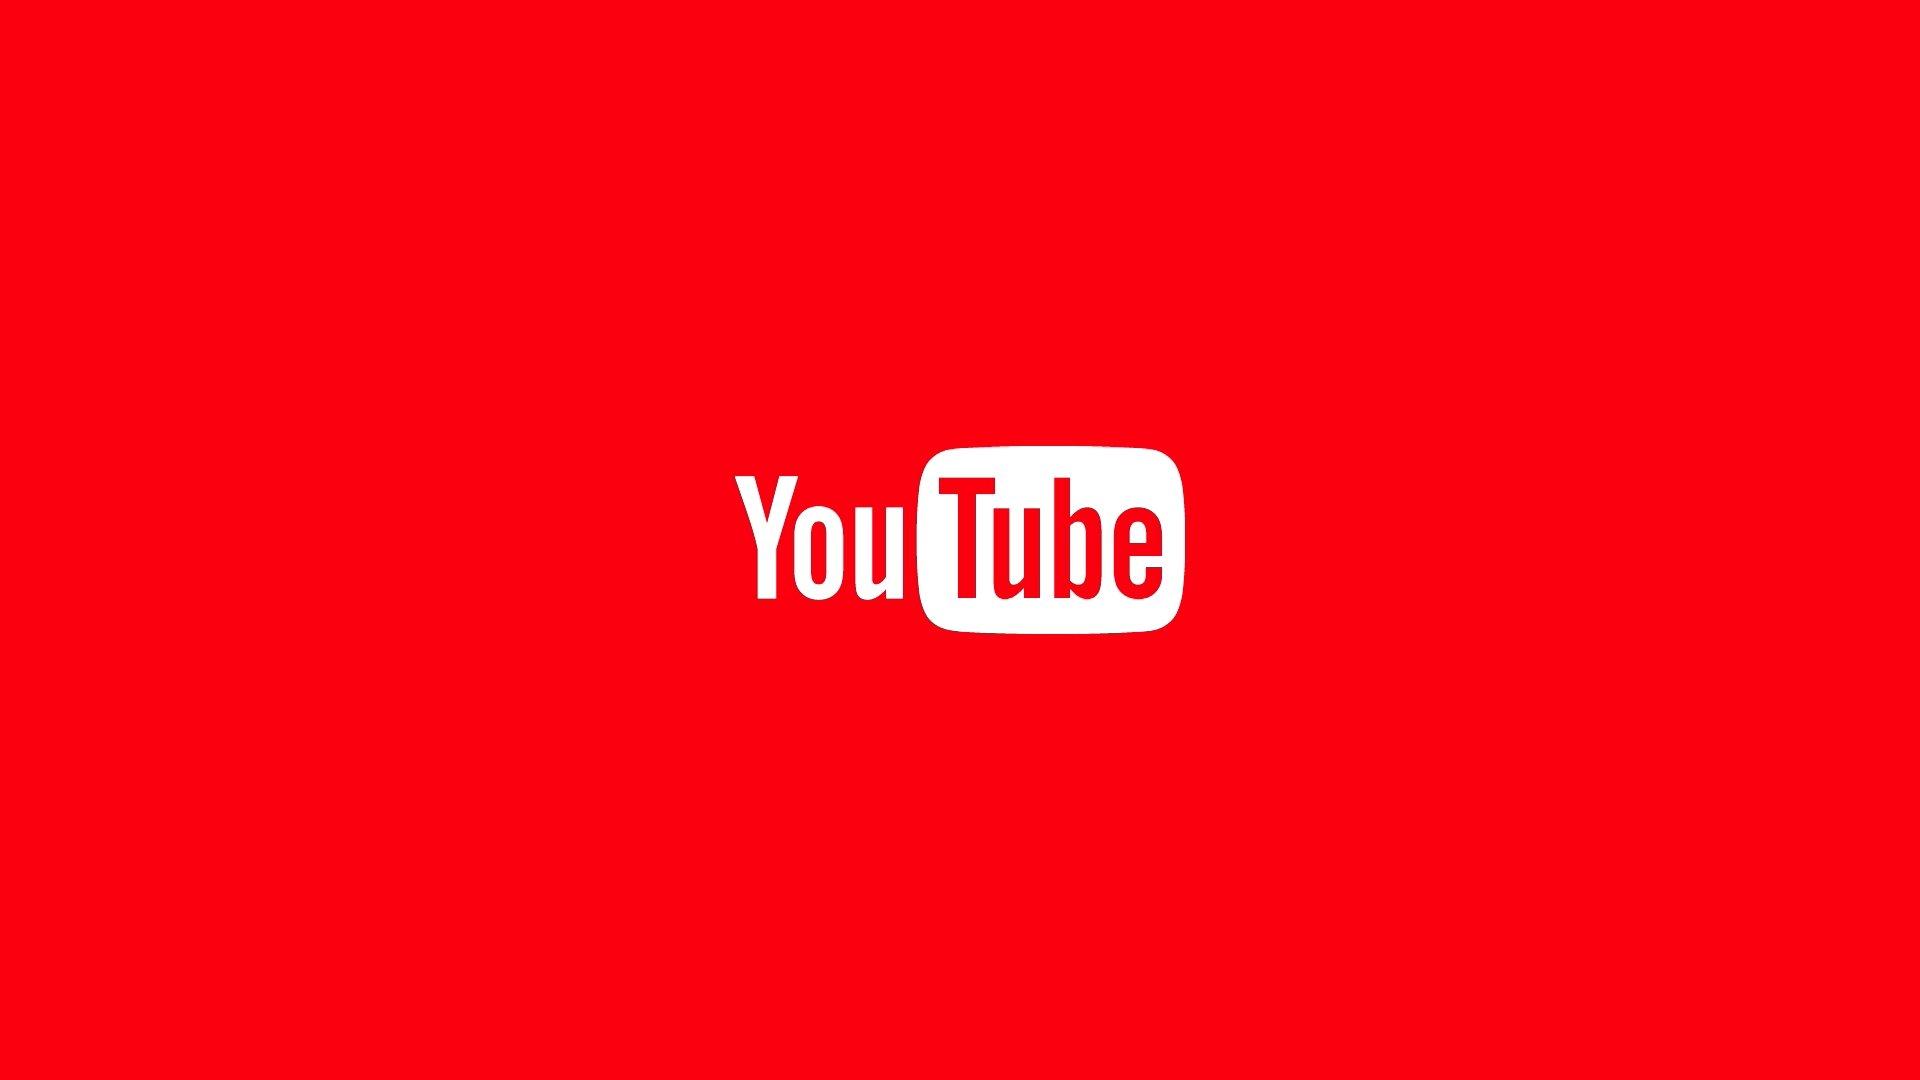 Youtube logo em fundo vermelho